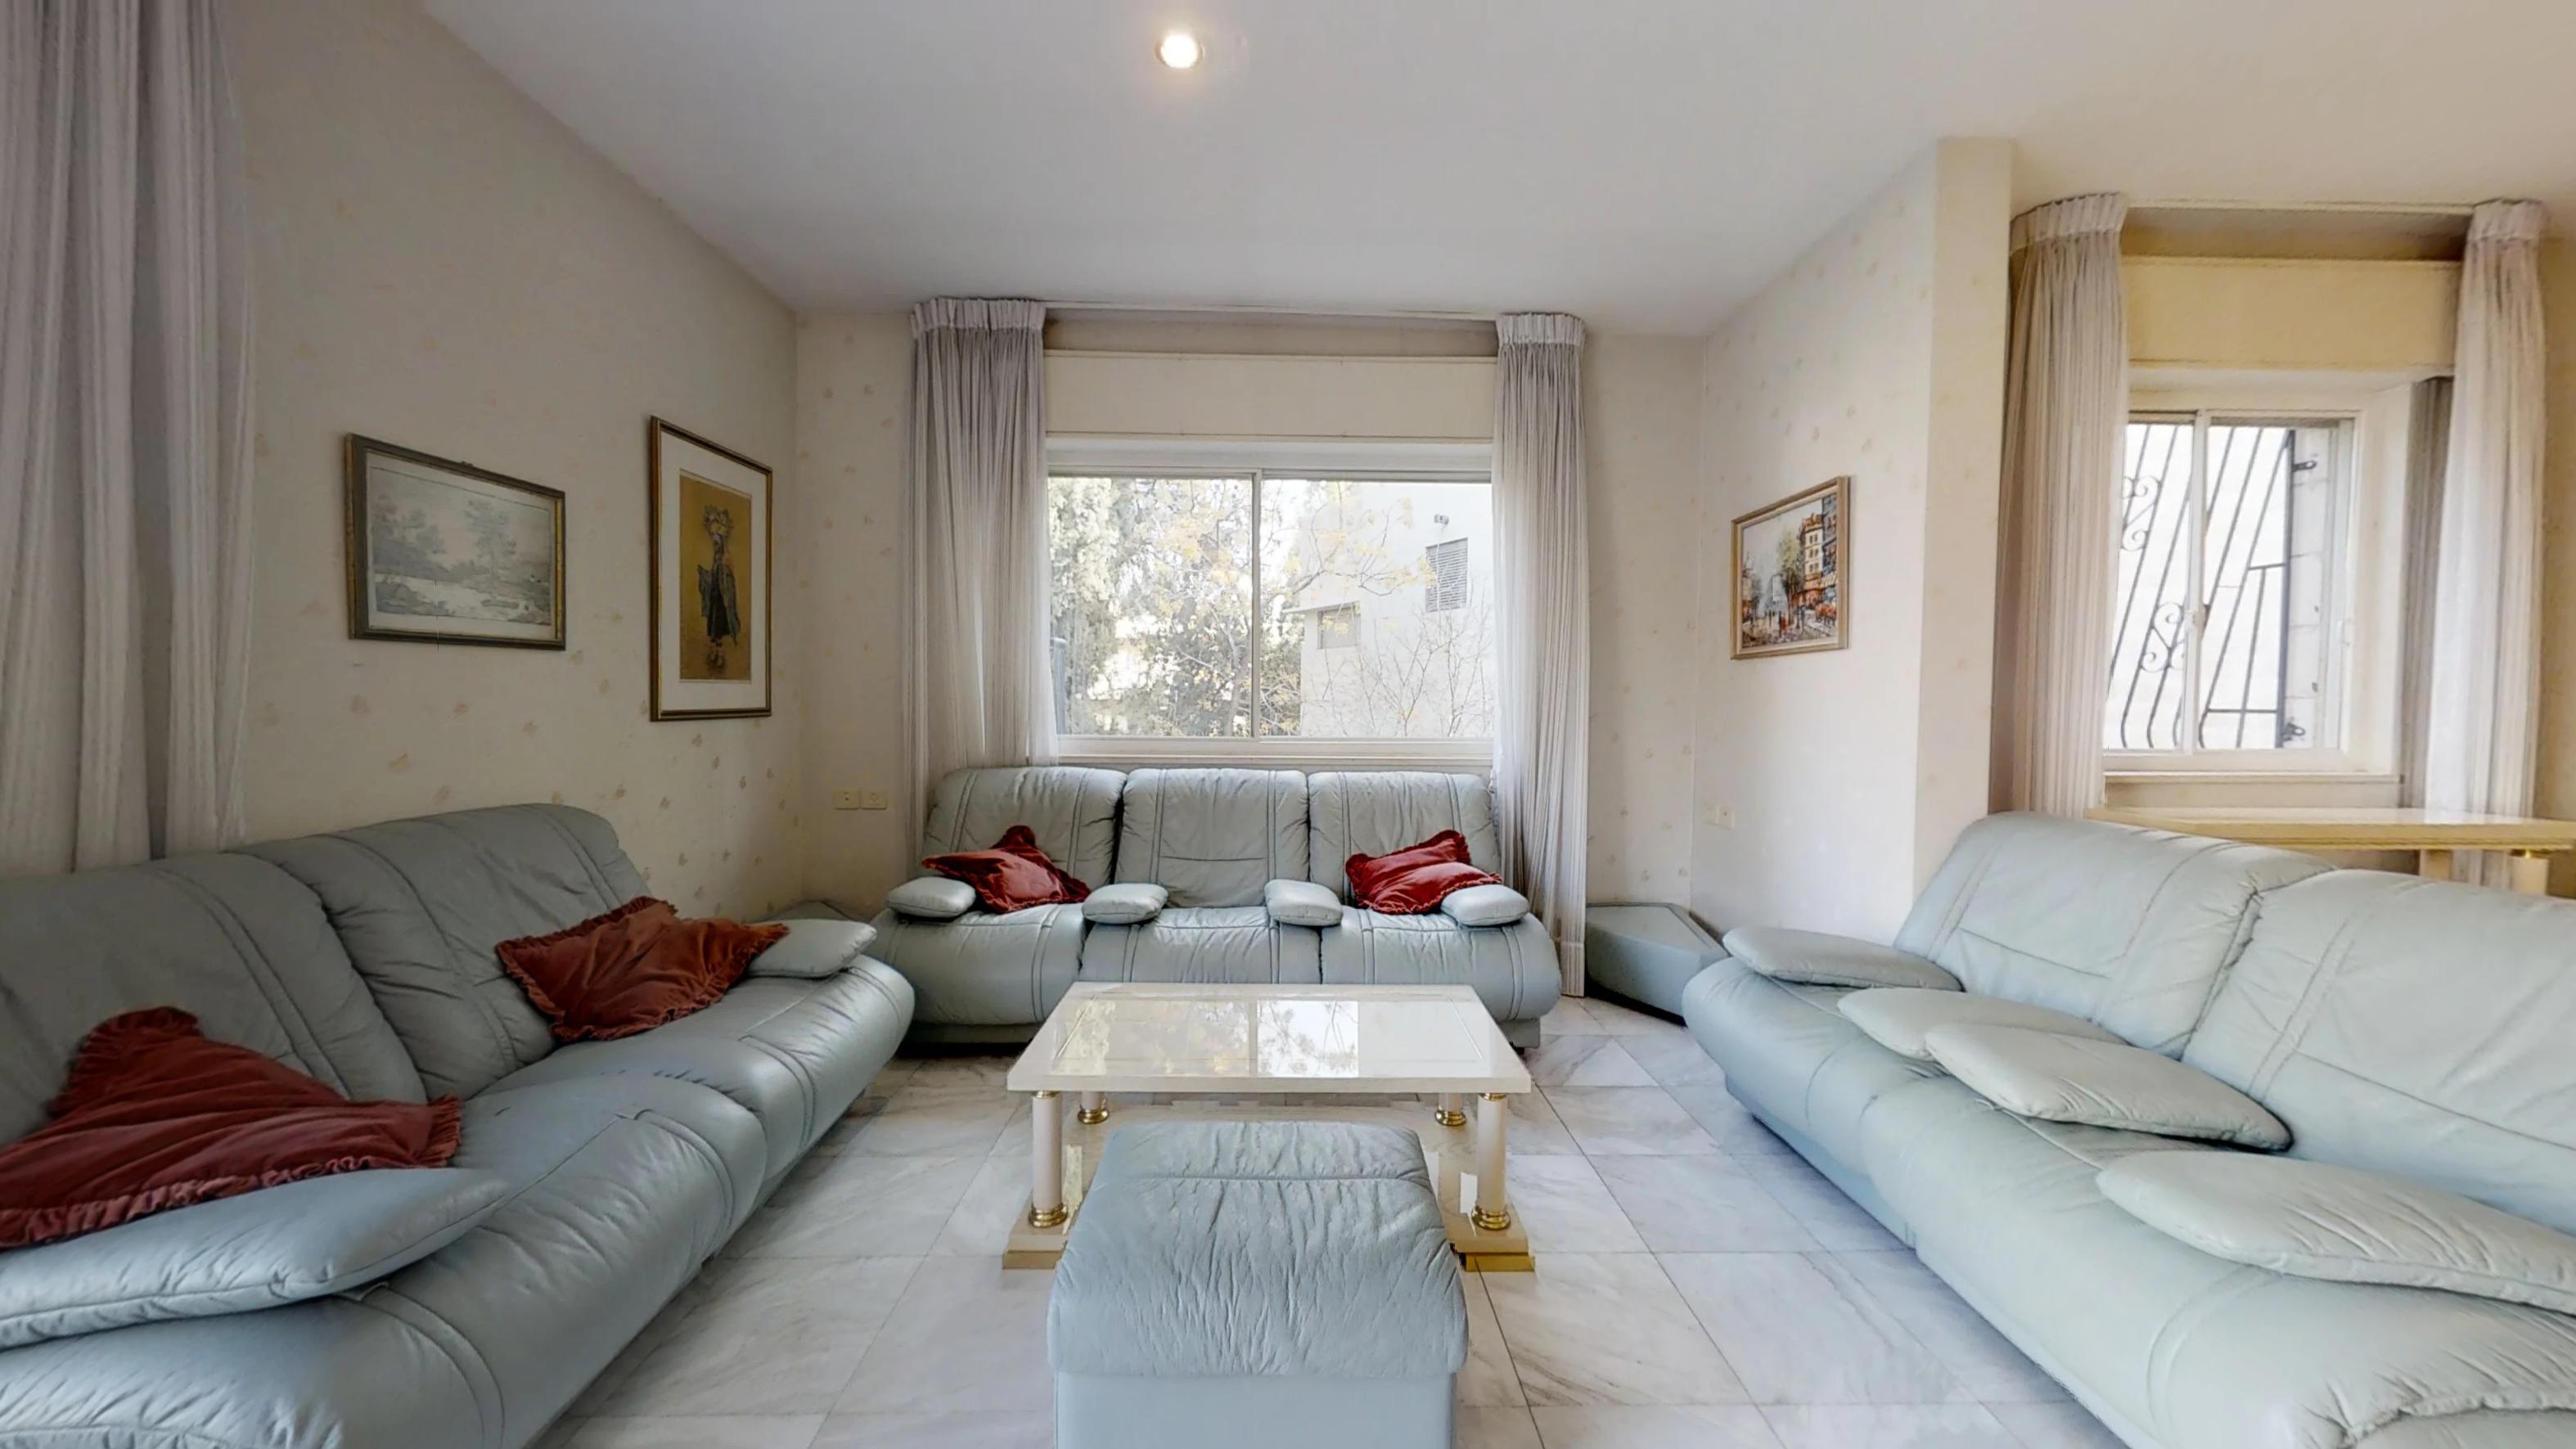 4 bedroom vacation rental in Rechavia